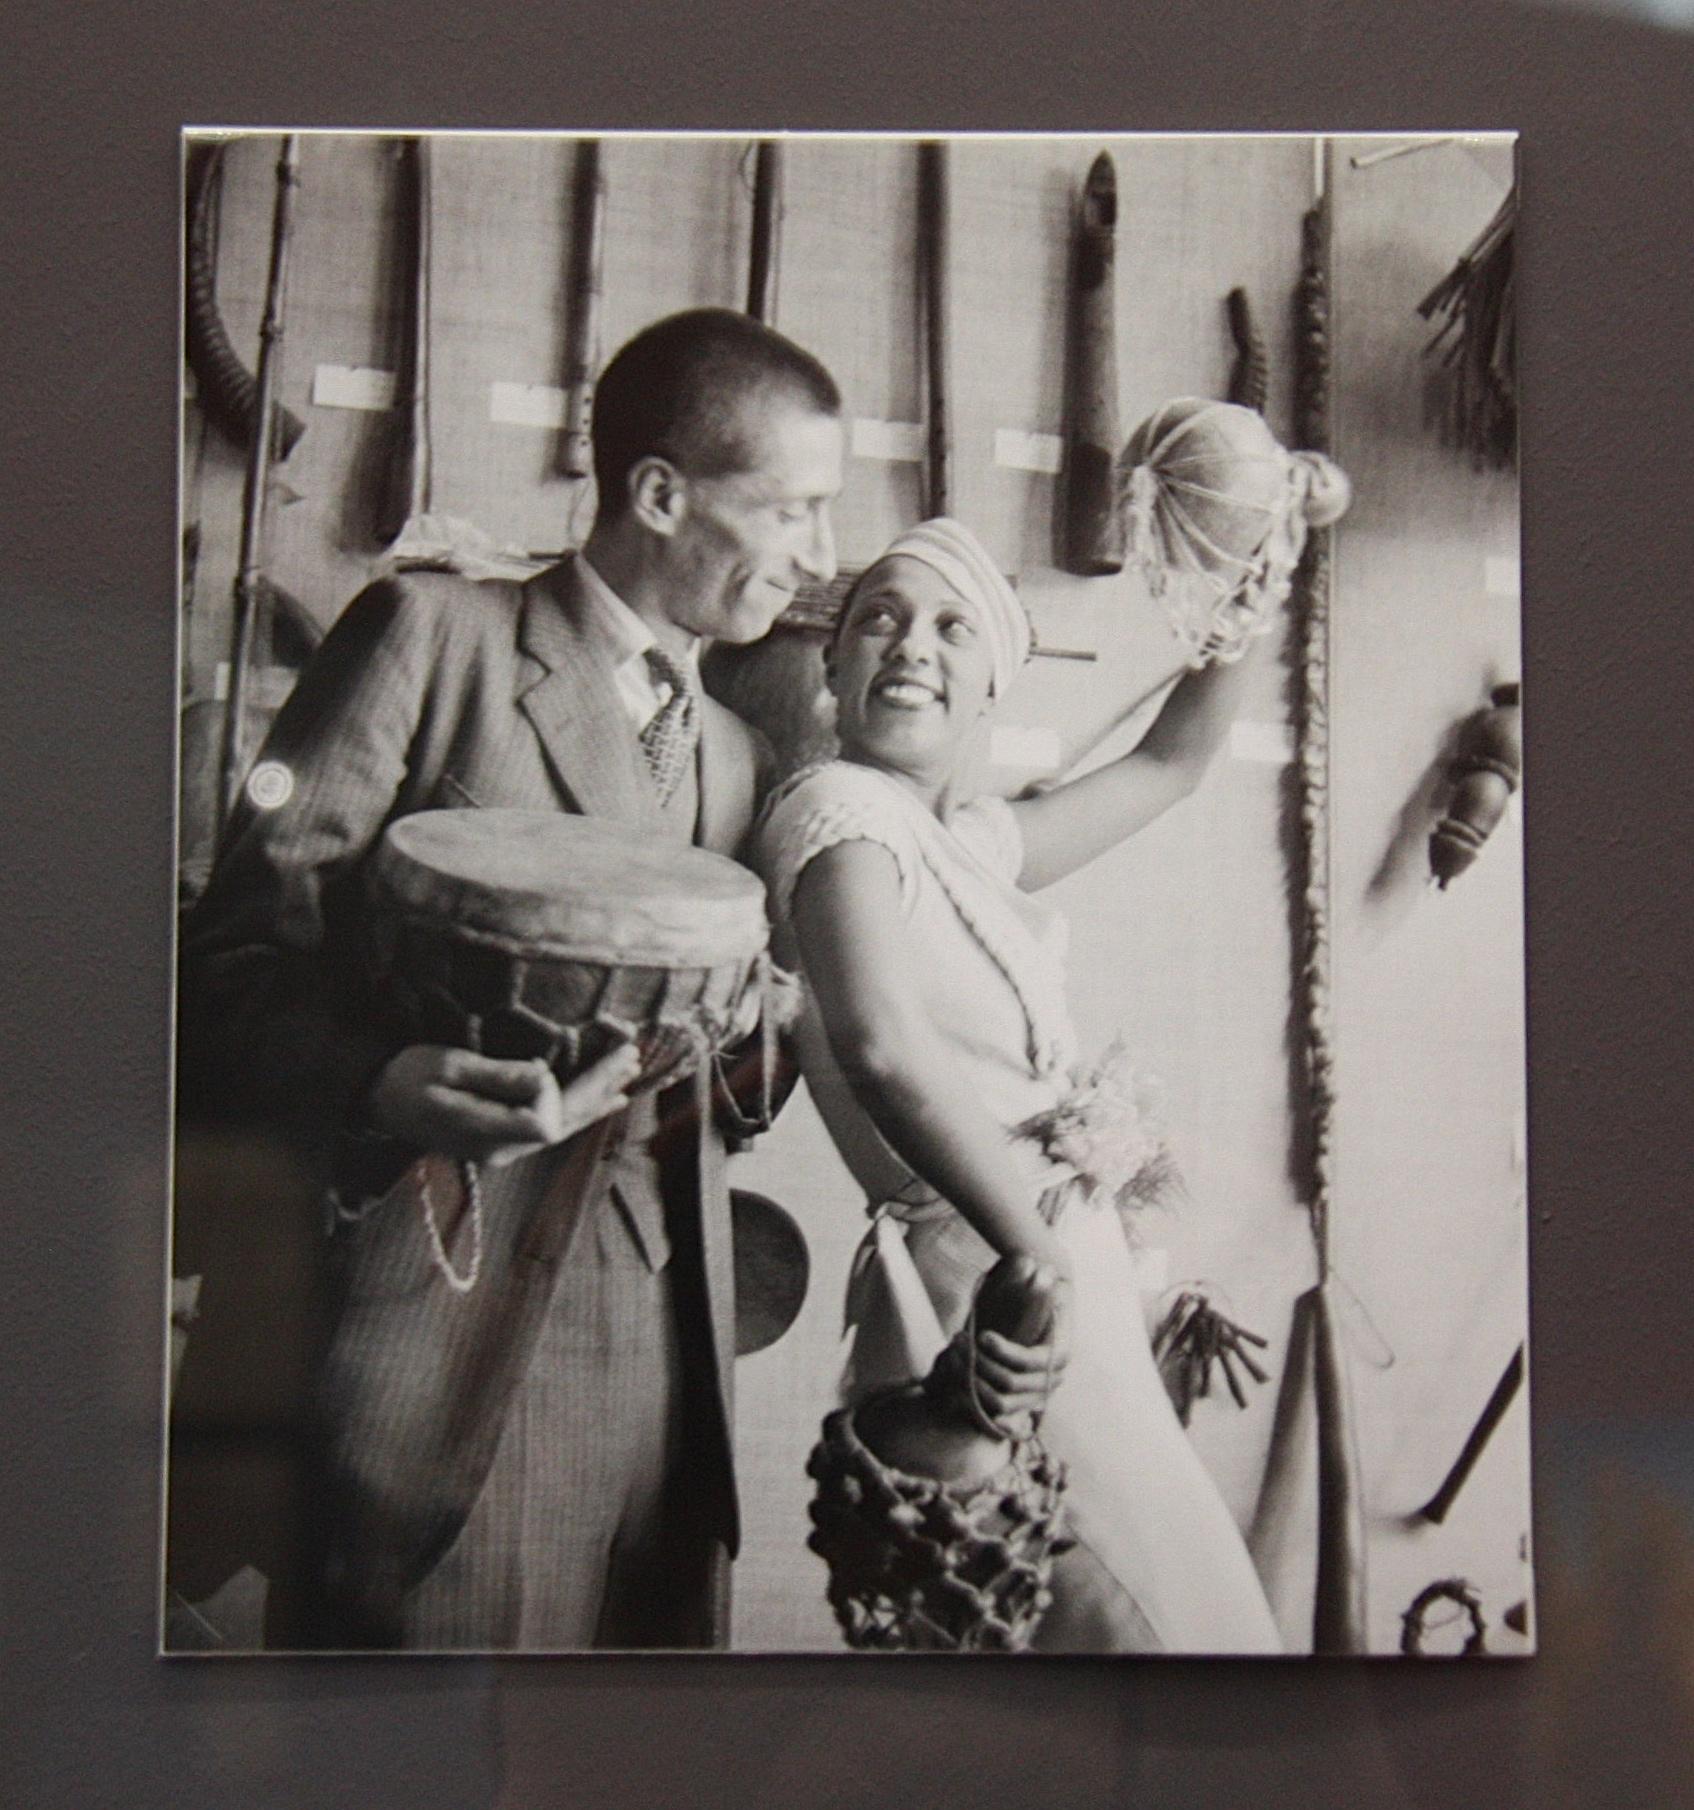 Josephine Baker et Georges-Henri Rivière au musée d'ethnographie du Trocadero, 1933, photo de Boris Lipnitzki, exposition leiris, centre pompidou-metz